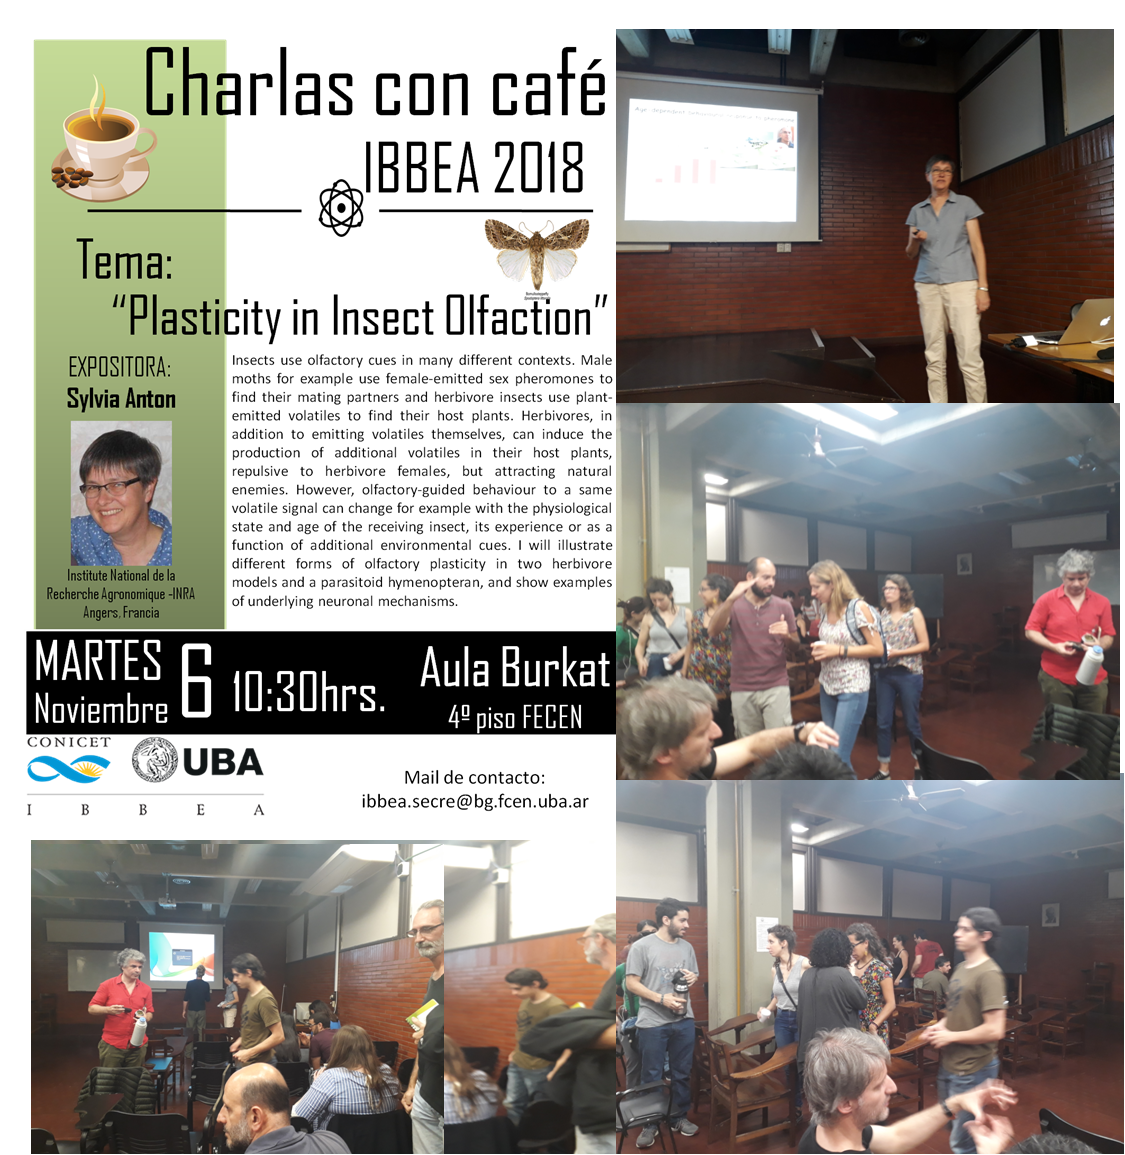 Charlas con Cafe - 2018 Anton